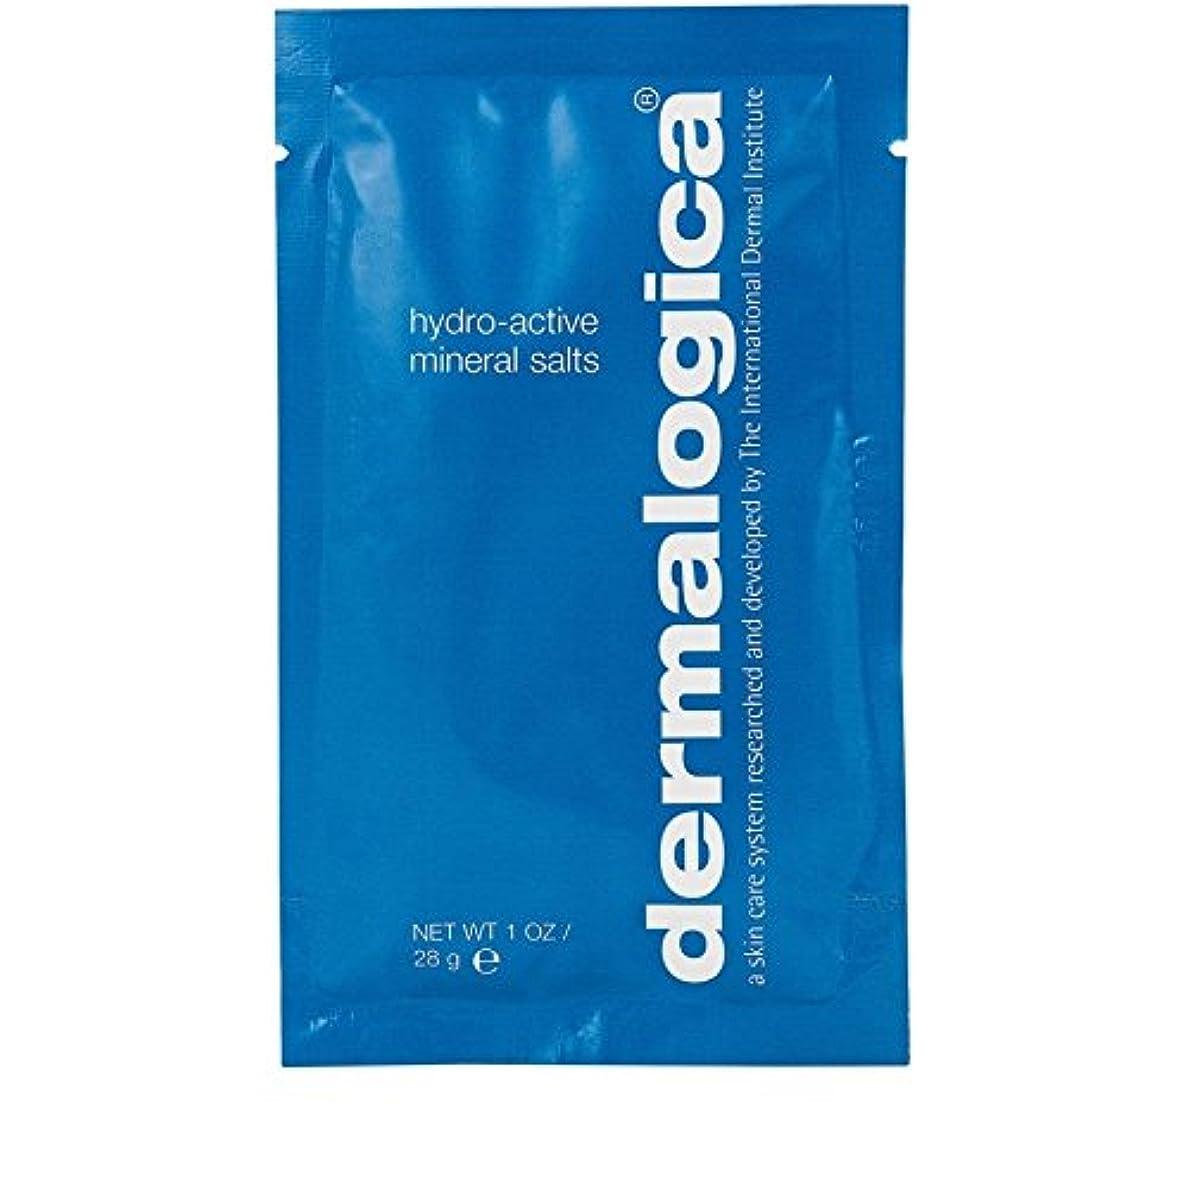 啓示ホールドオールおダーマロジカ水力アクティブミネラル塩28グラム x2 - Dermalogica Hydro Active Mineral Salt 28g (Pack of 2) [並行輸入品]